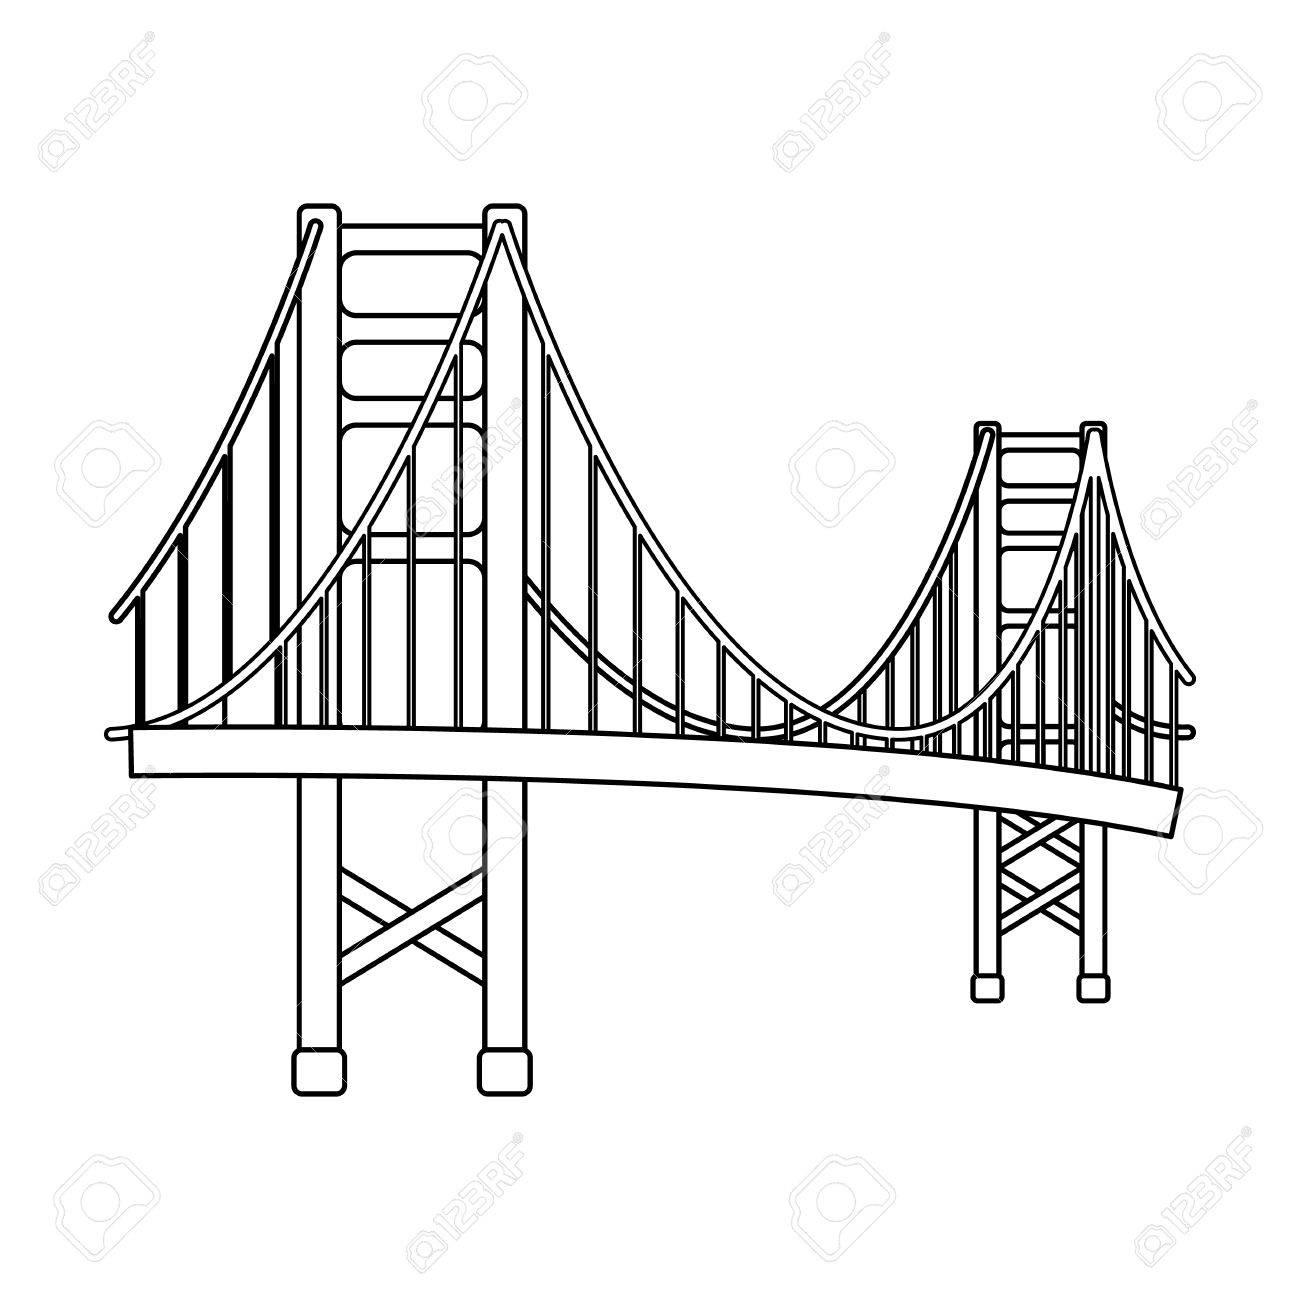 Golden Gate Bridge Symbol Im Umriss Stil Auf Weien Hintergrund Usa Diagram Of The Land